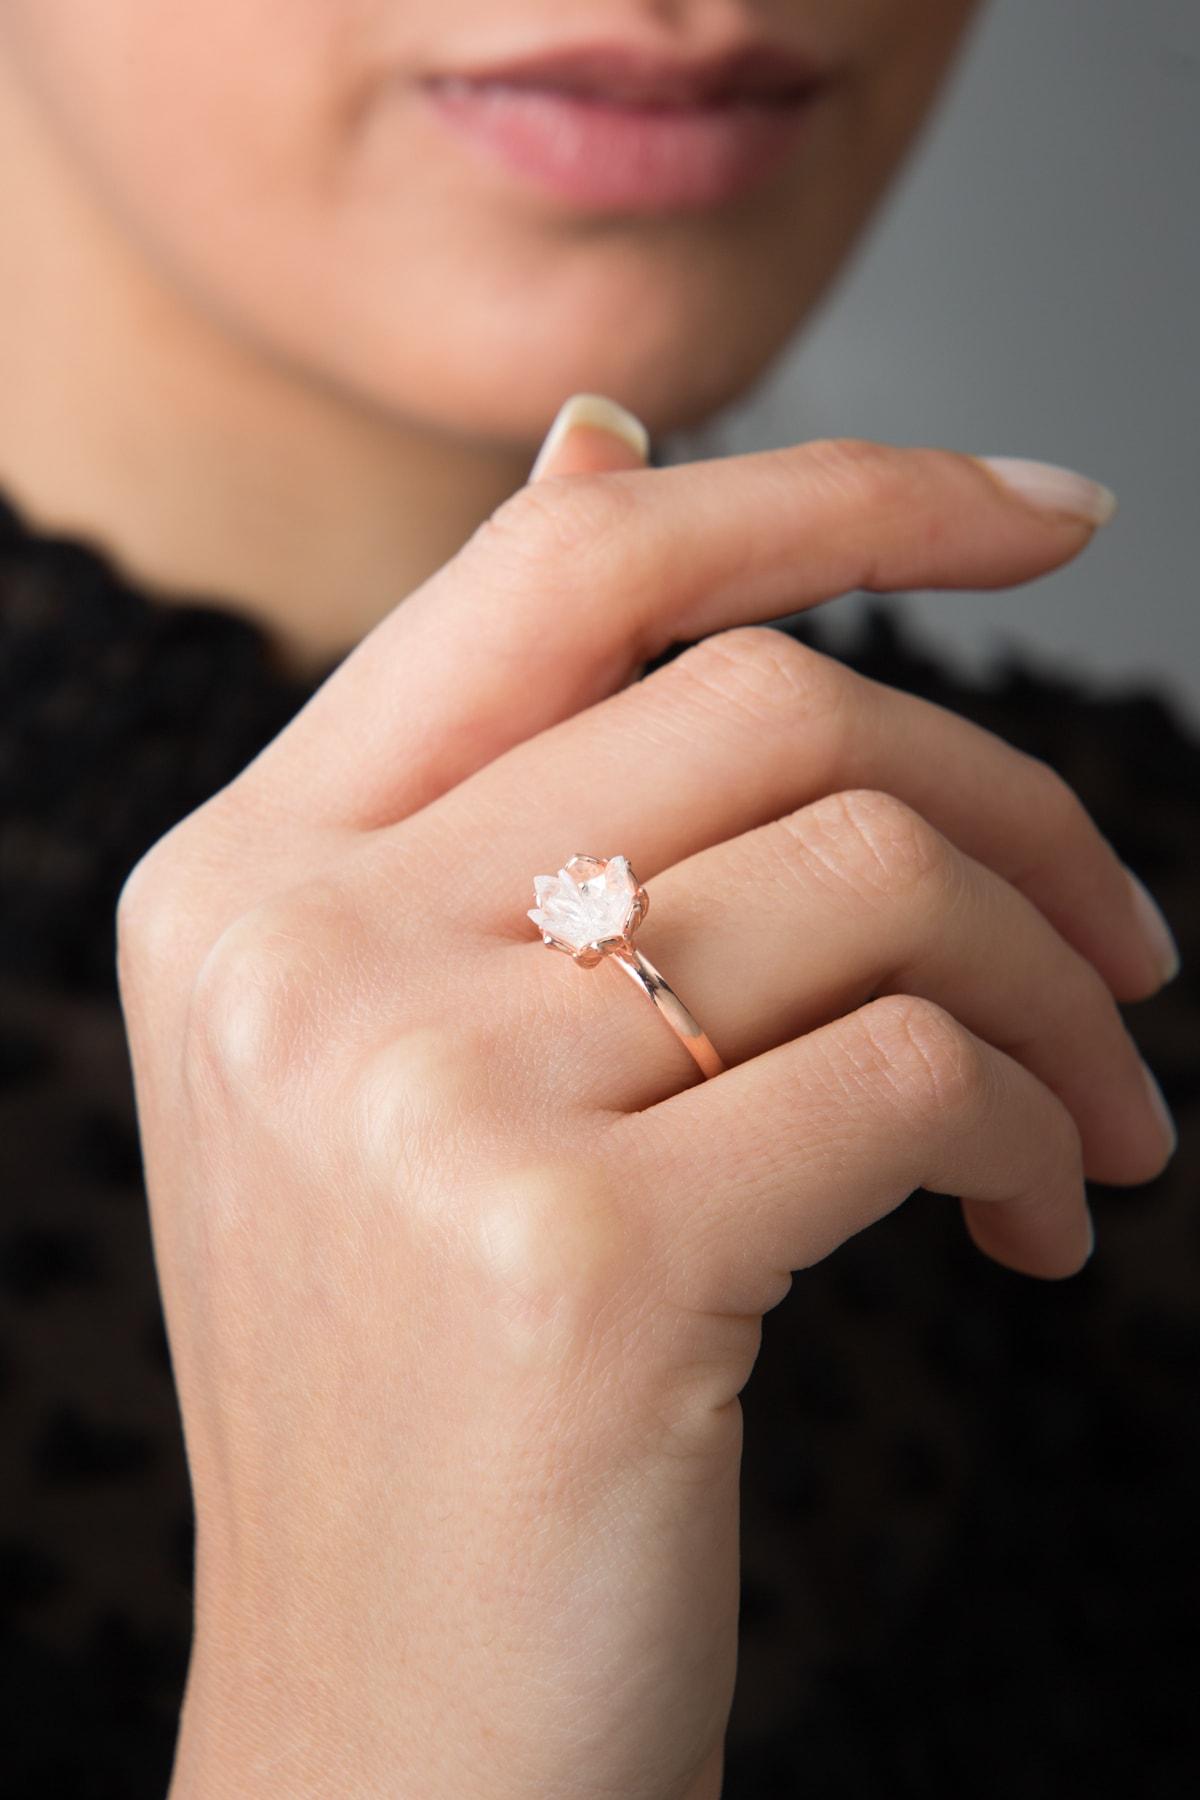 Elika Silver 14k Rose Altın Kaplama Beyaz Zirkon Taşlı Lotus Çiçeği Kadın Yüzük 1